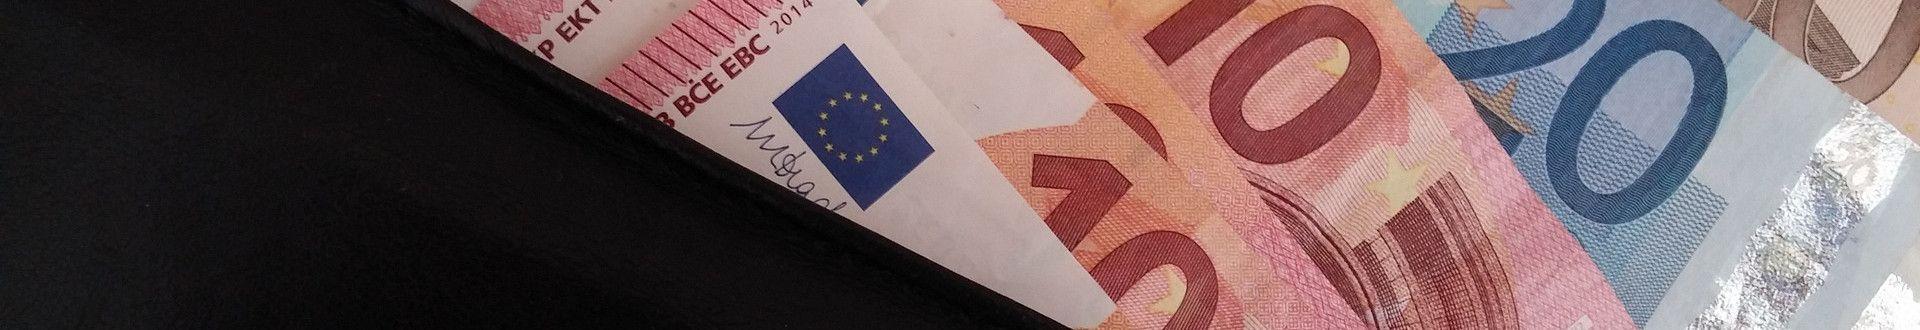 Jobcenter fordert Geld von Flüchtlingen zurück